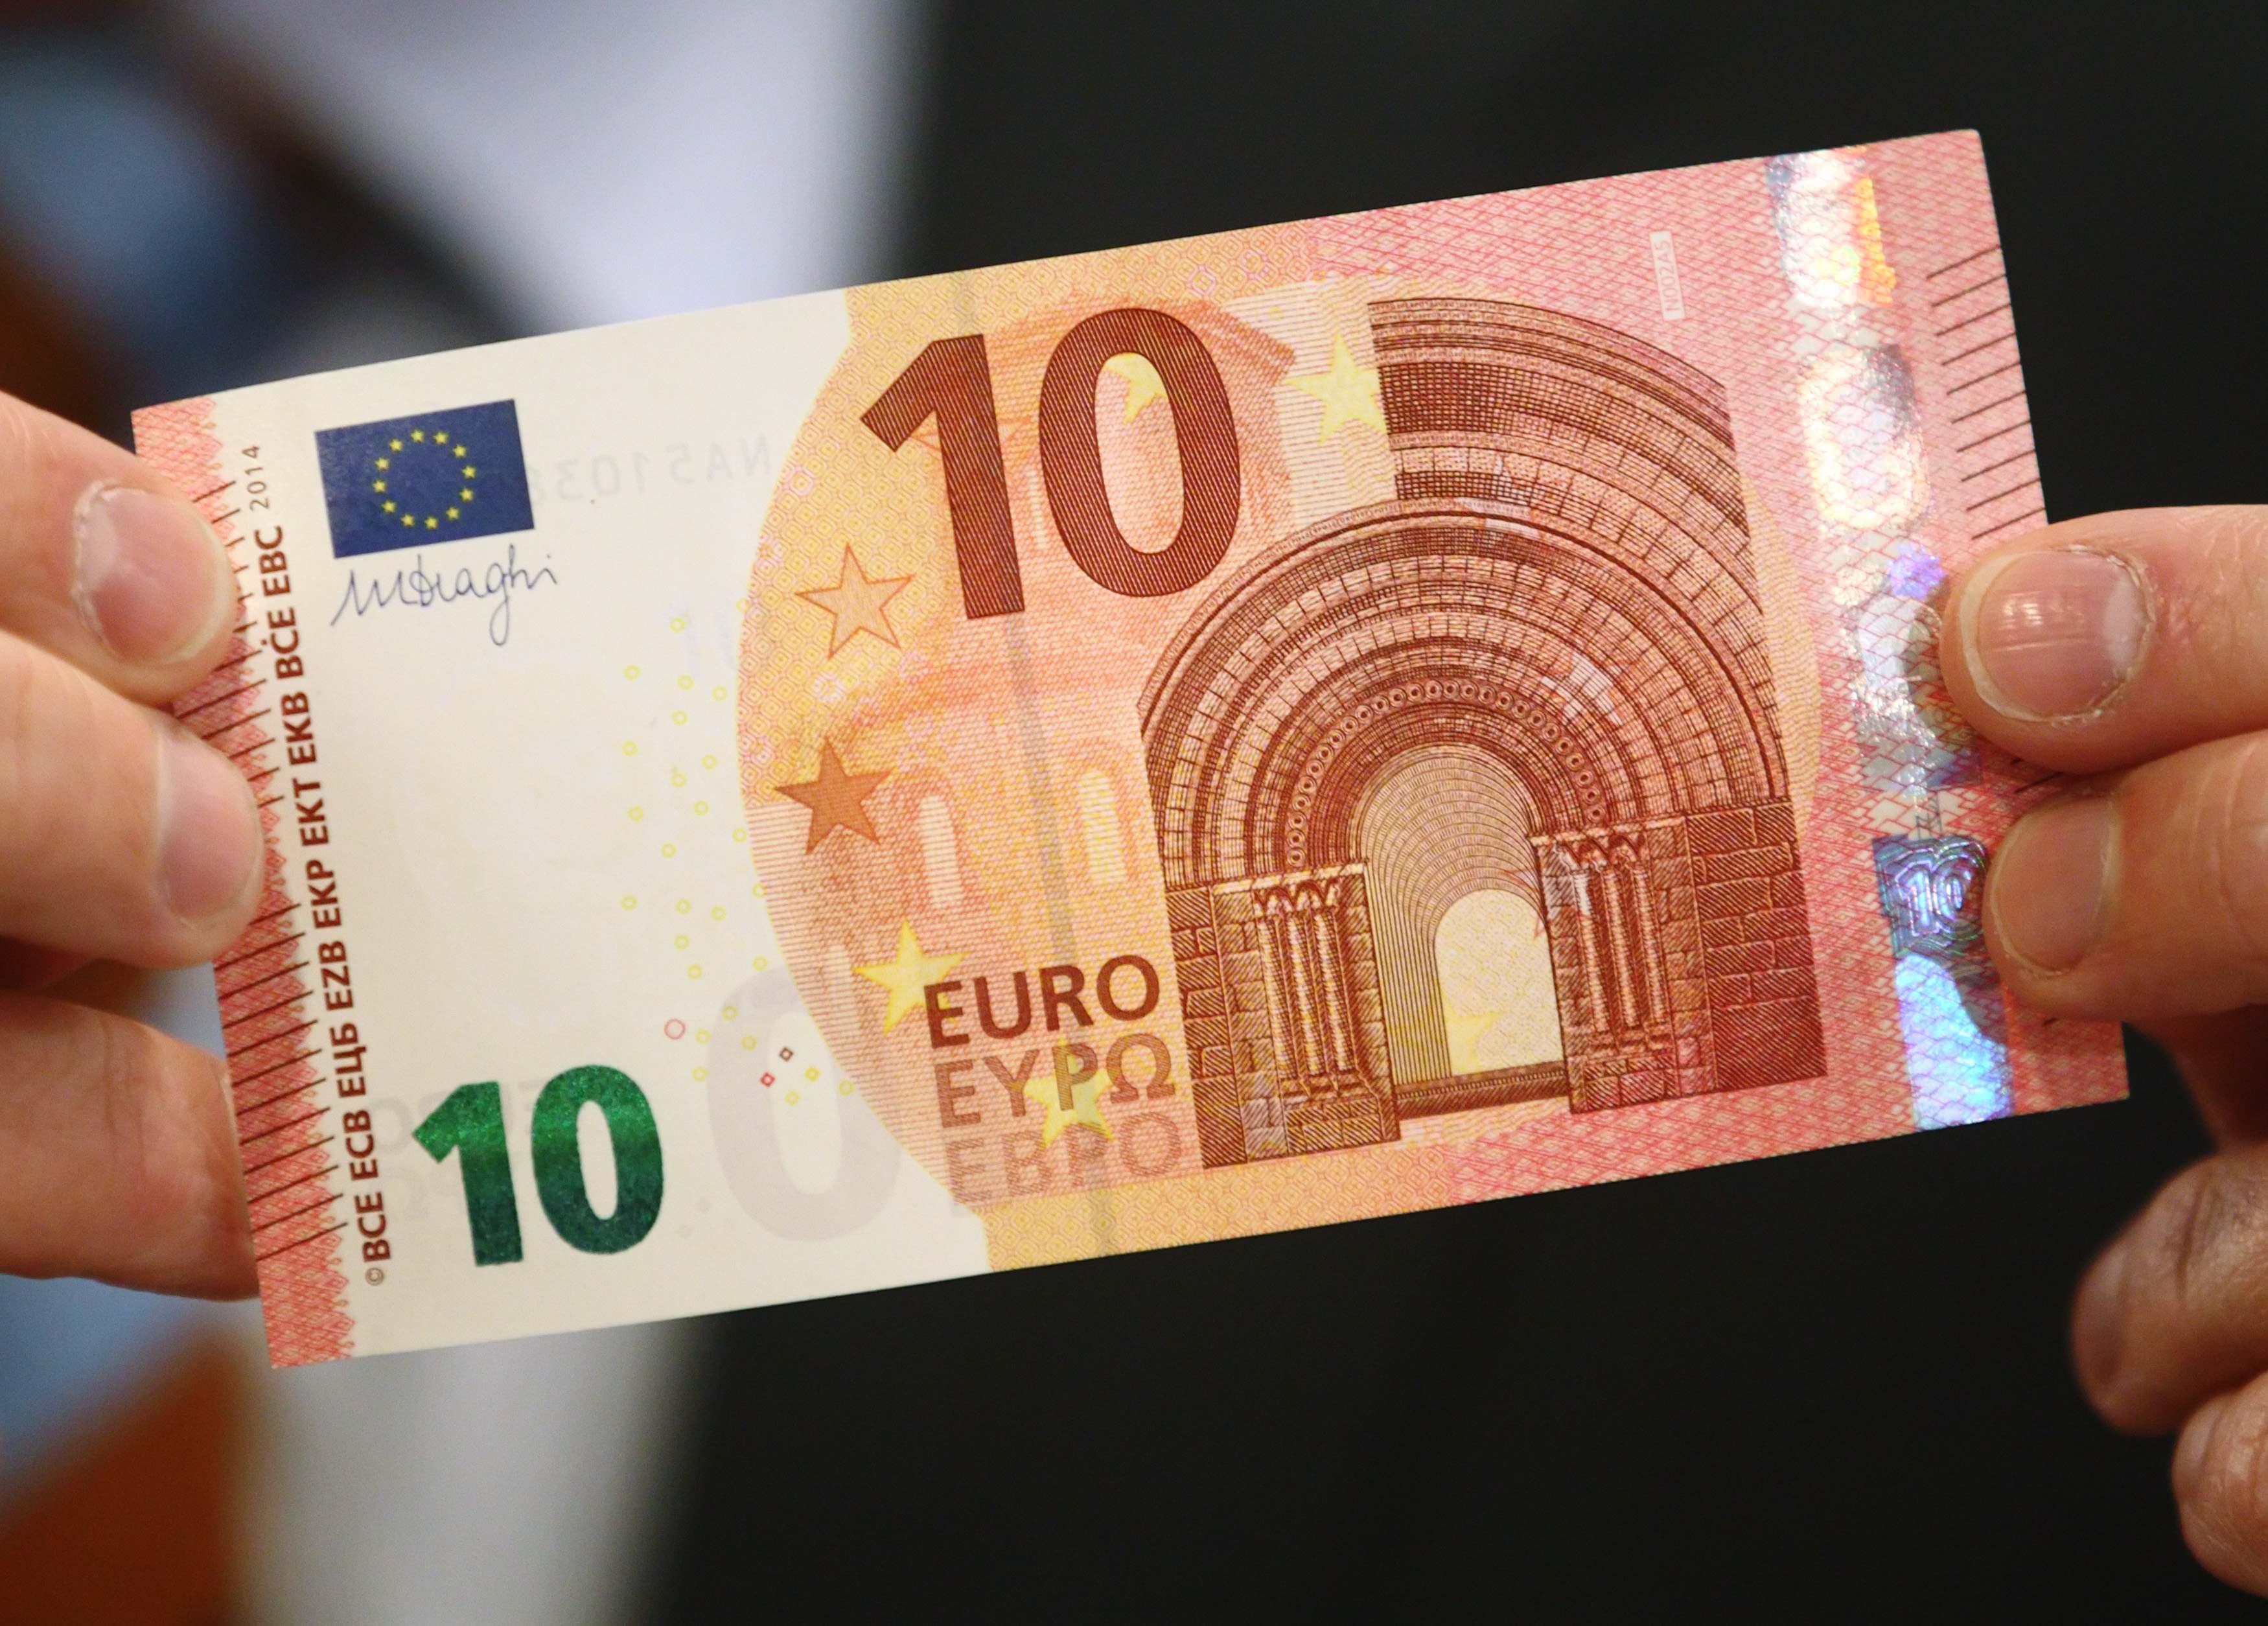 Нацбанк ощутимо повысил курс гривни к евро